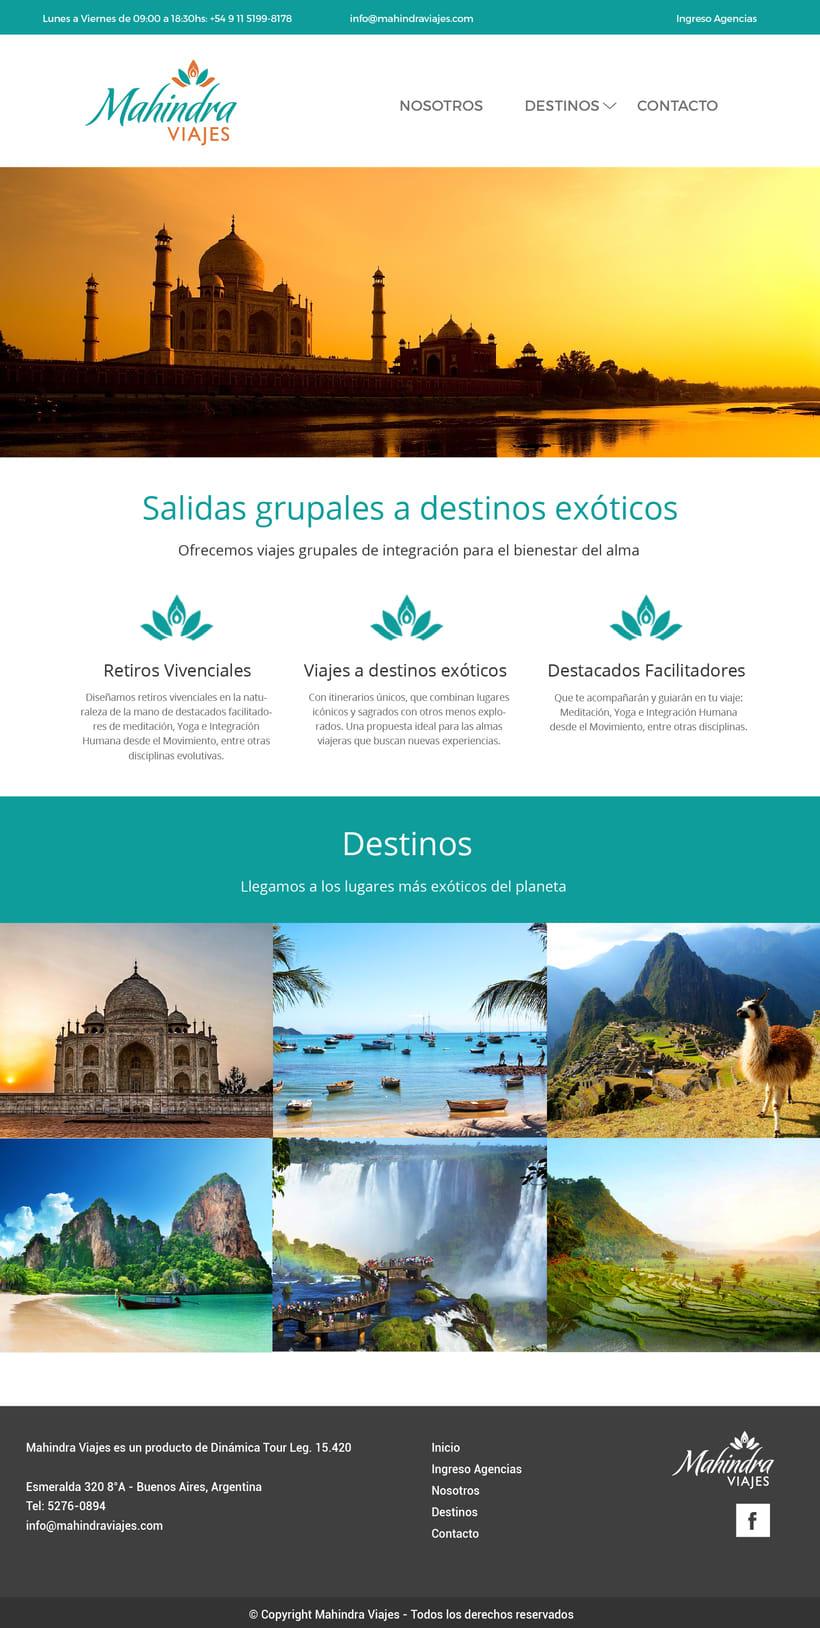 Web Mahindra Viajes - Proyecto en desarrollo 1